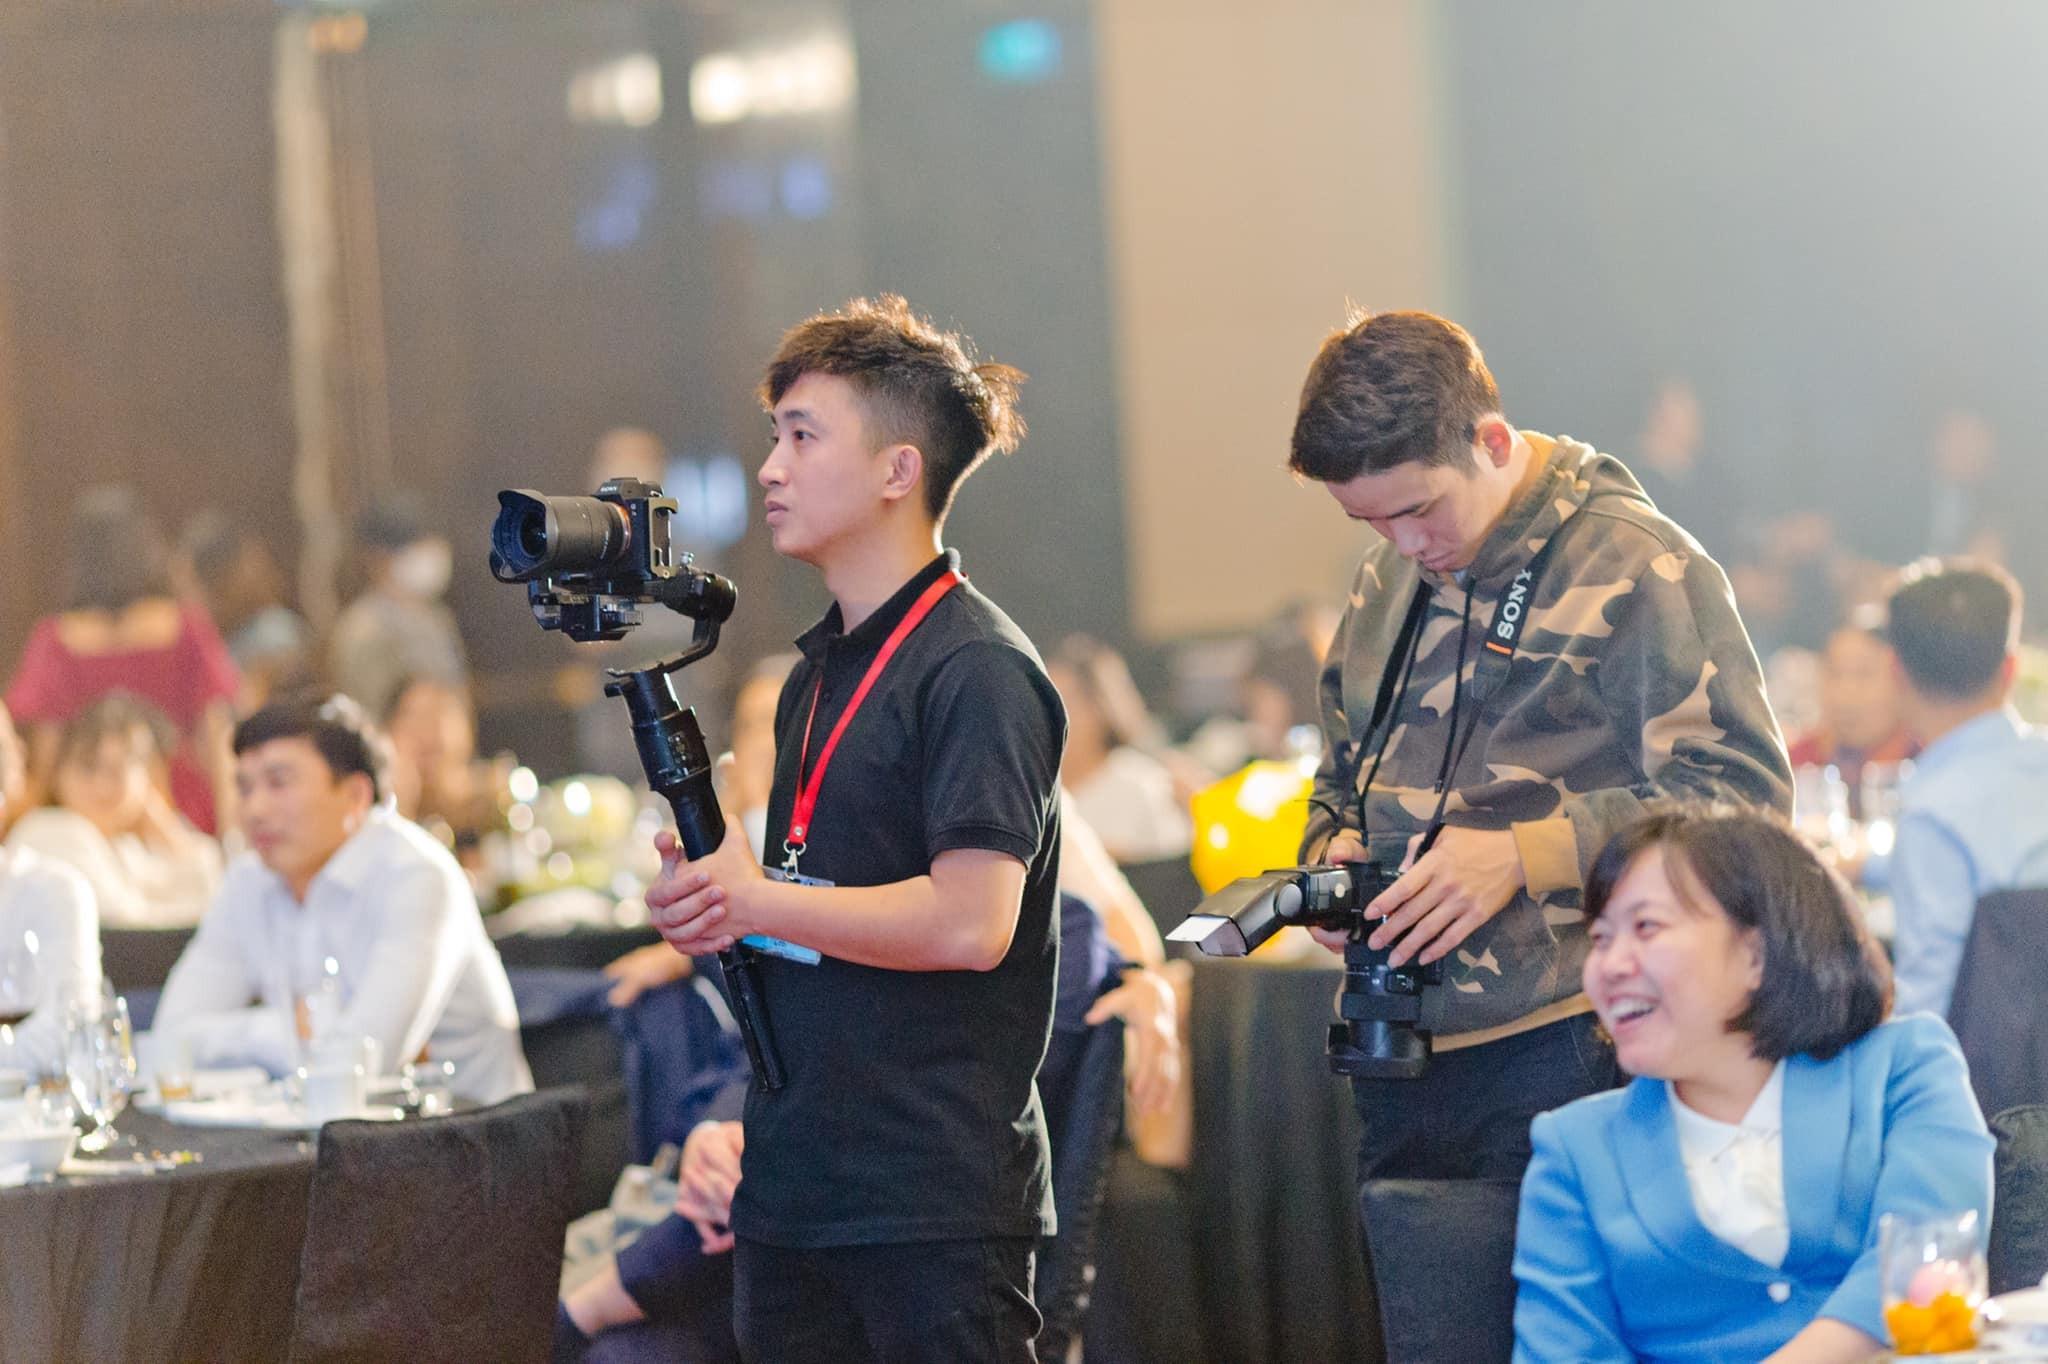 Bảng giá quay phim sự kiện chuyên nghiệp tại Luxtour 5